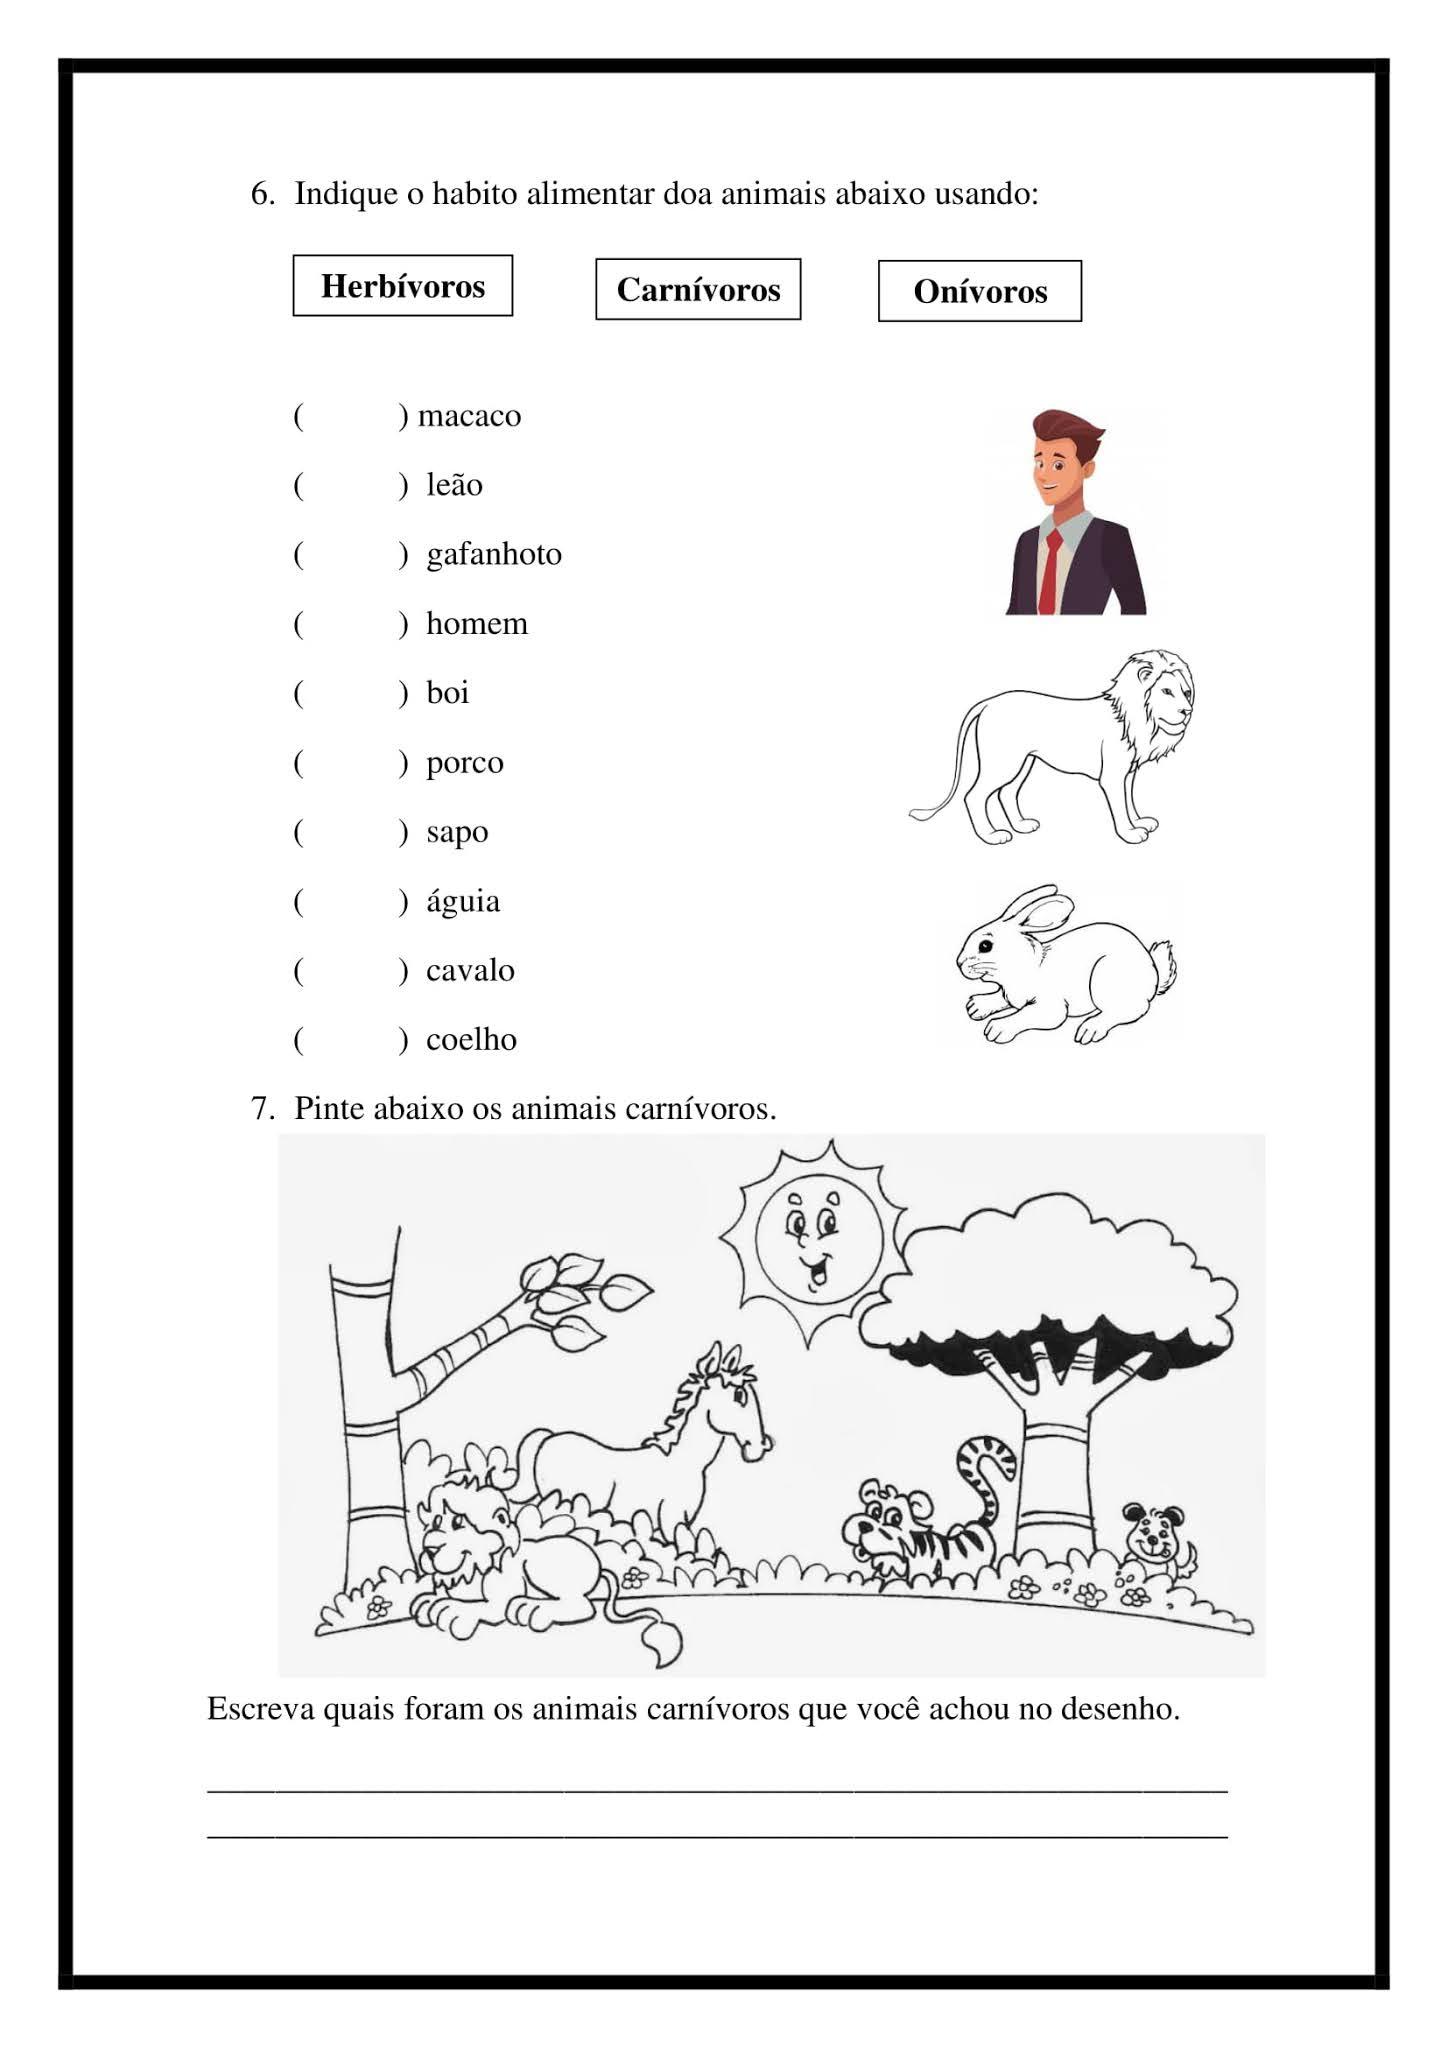 Atividade Ciências 2º Ano: Alimentação dos animais